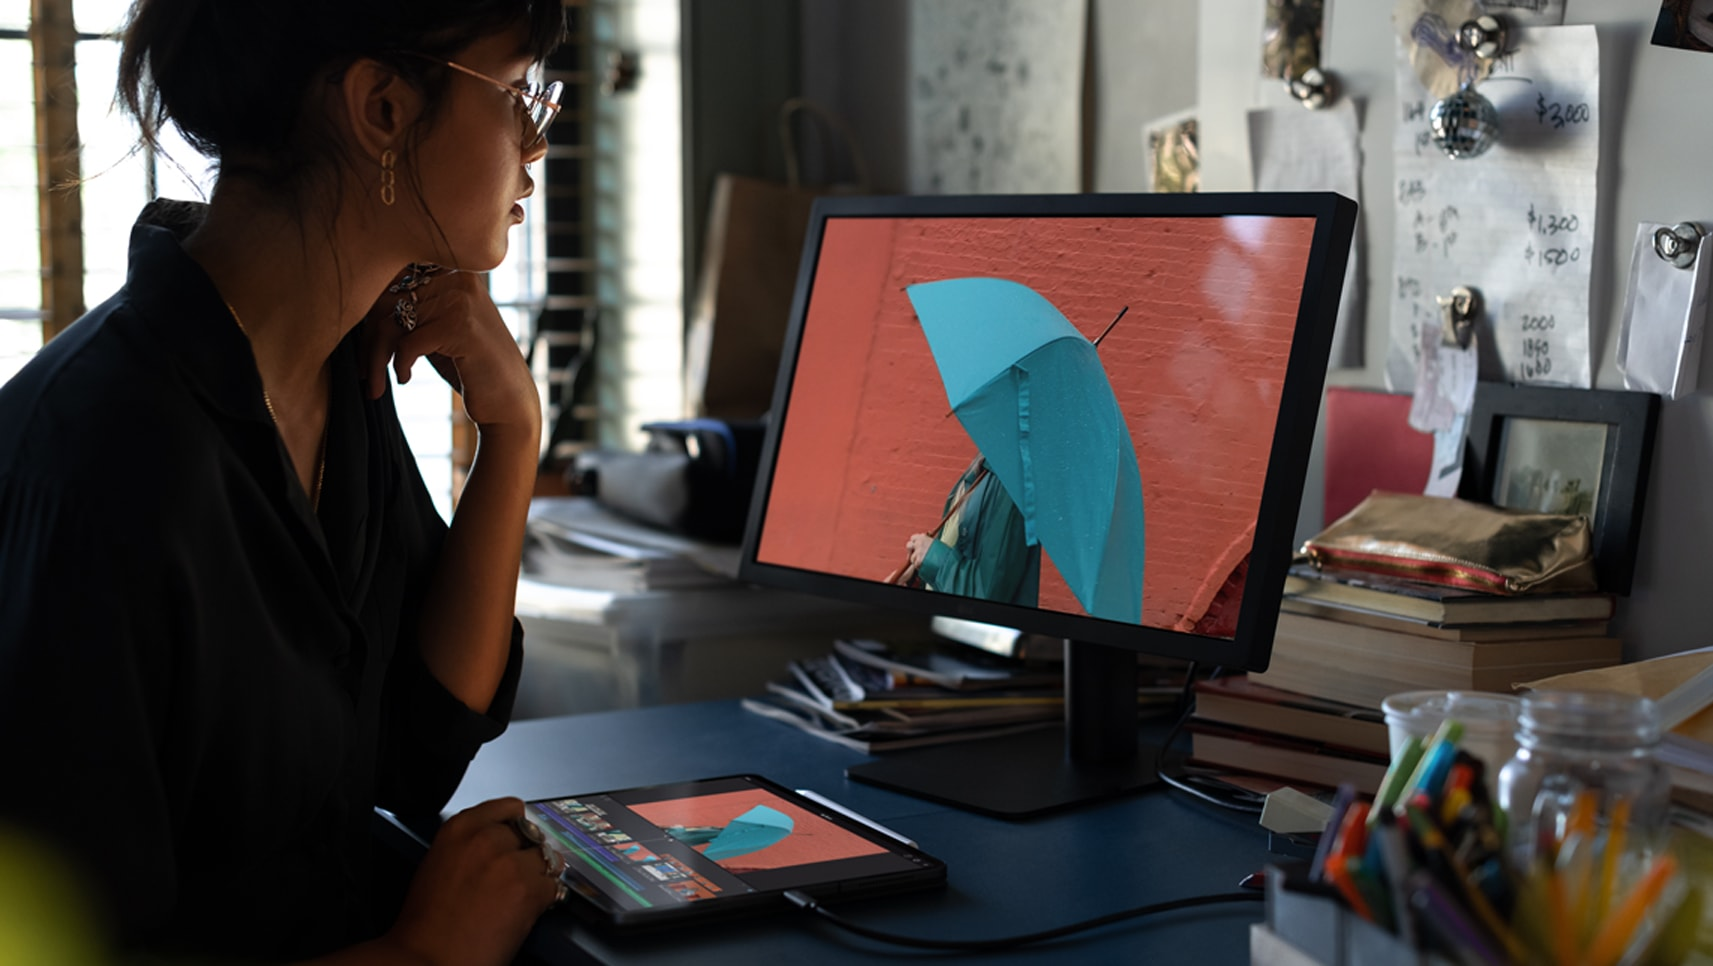 Pessoa trabalhando em novo iPad Pro conectado a monitor externo USB-C